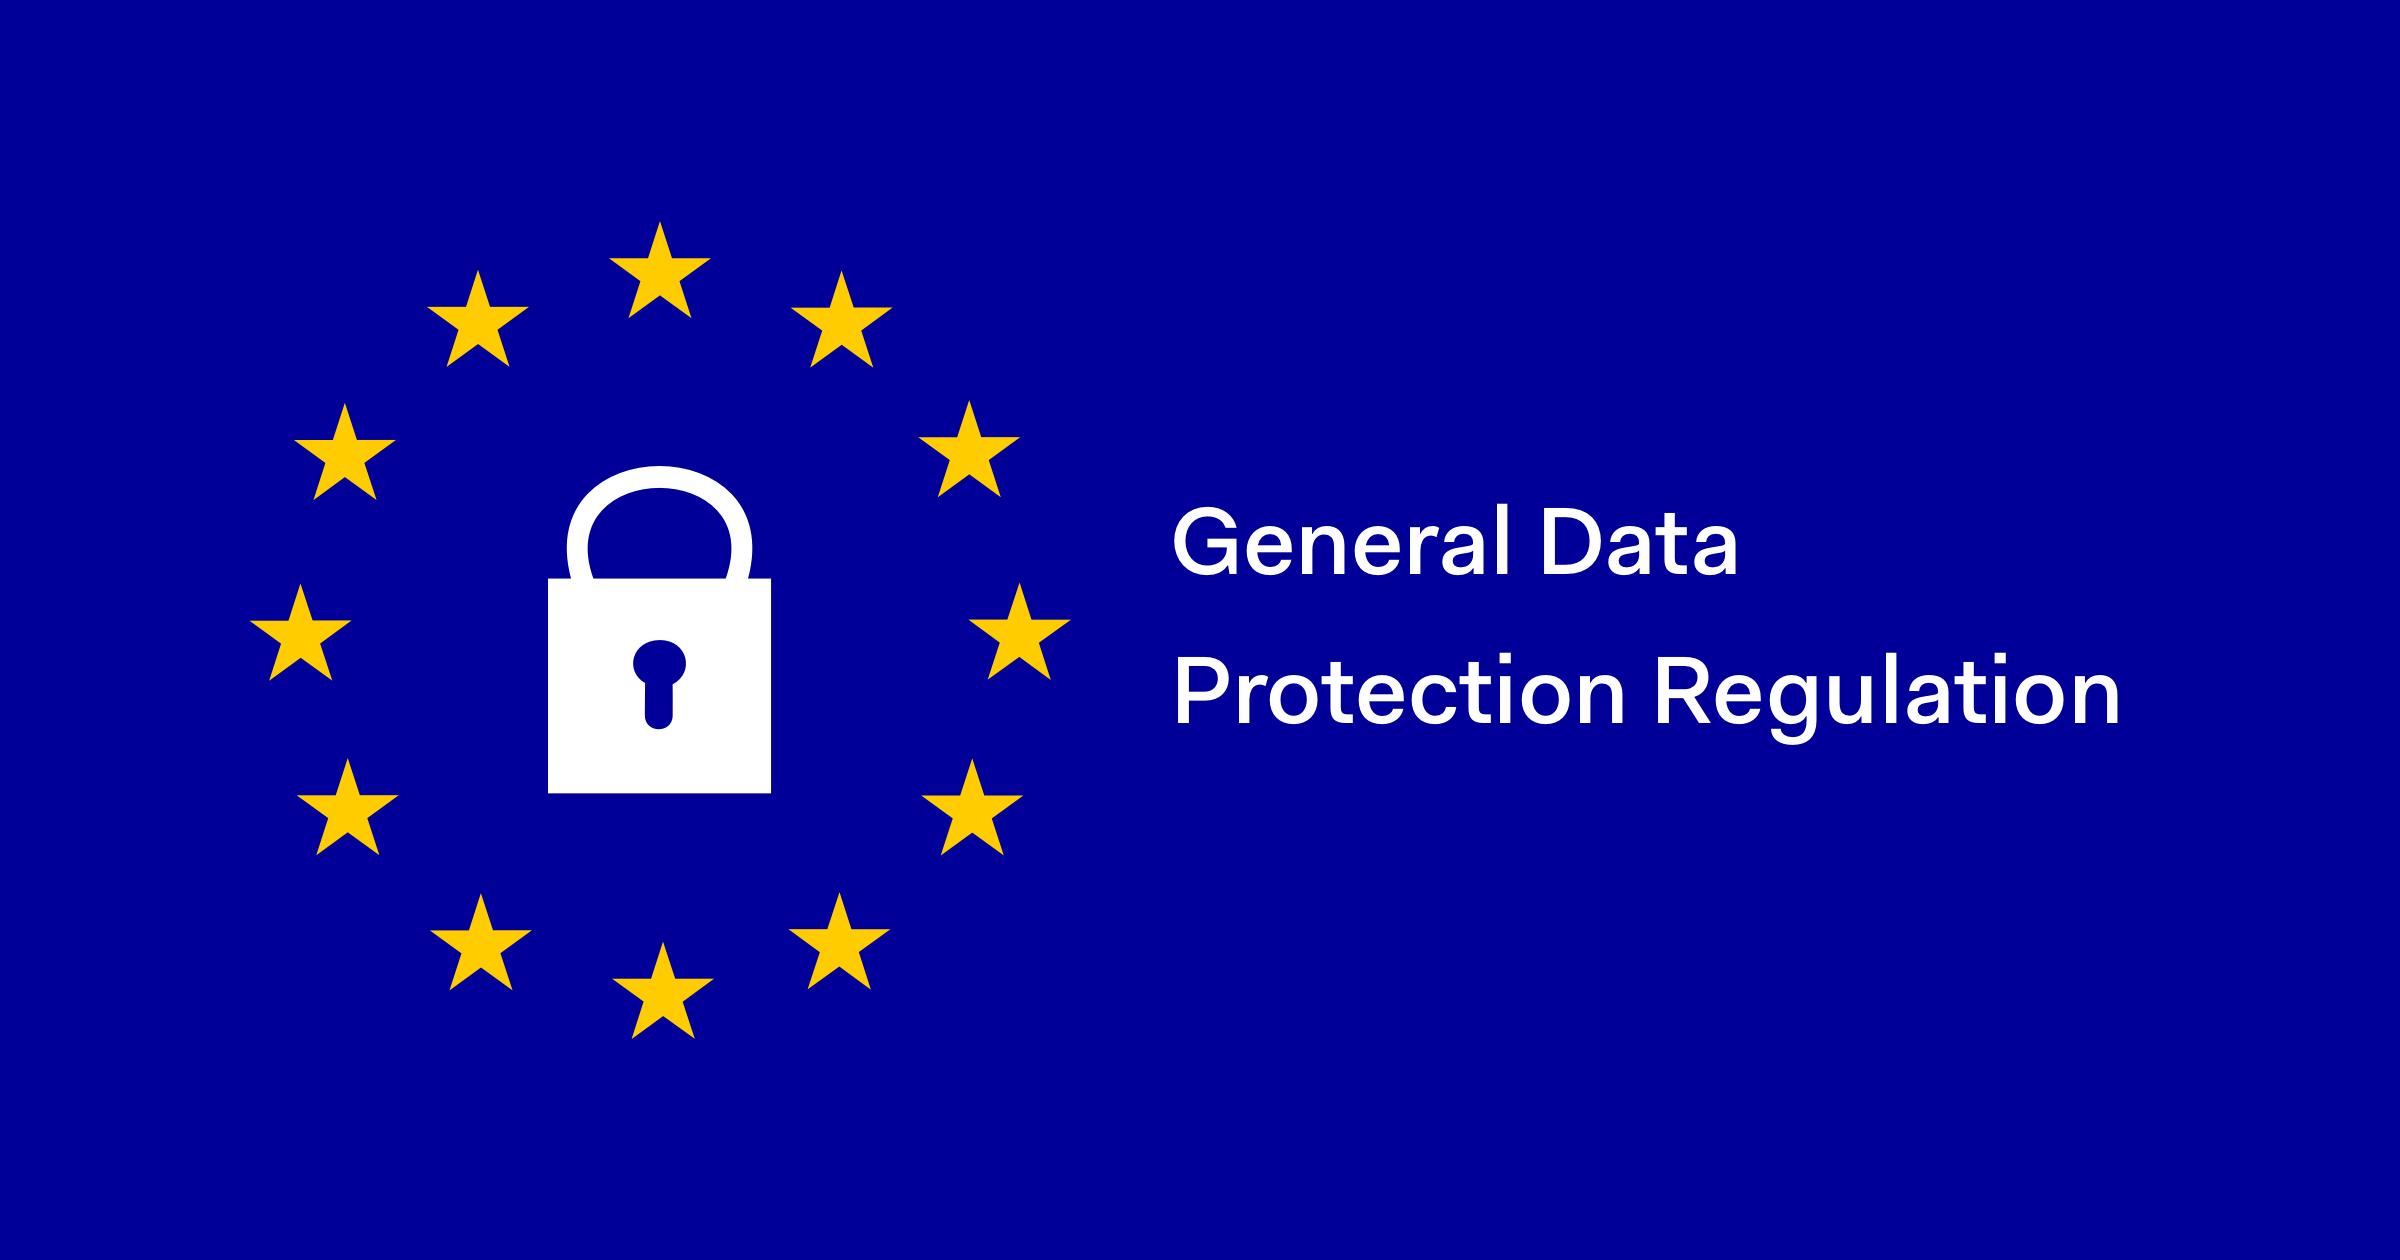 a91021a5feb Ενημέρωση προς τα Μέλη του ΙΣΑ για τη νέα νομοθεσία προσωπικών δεδομένων